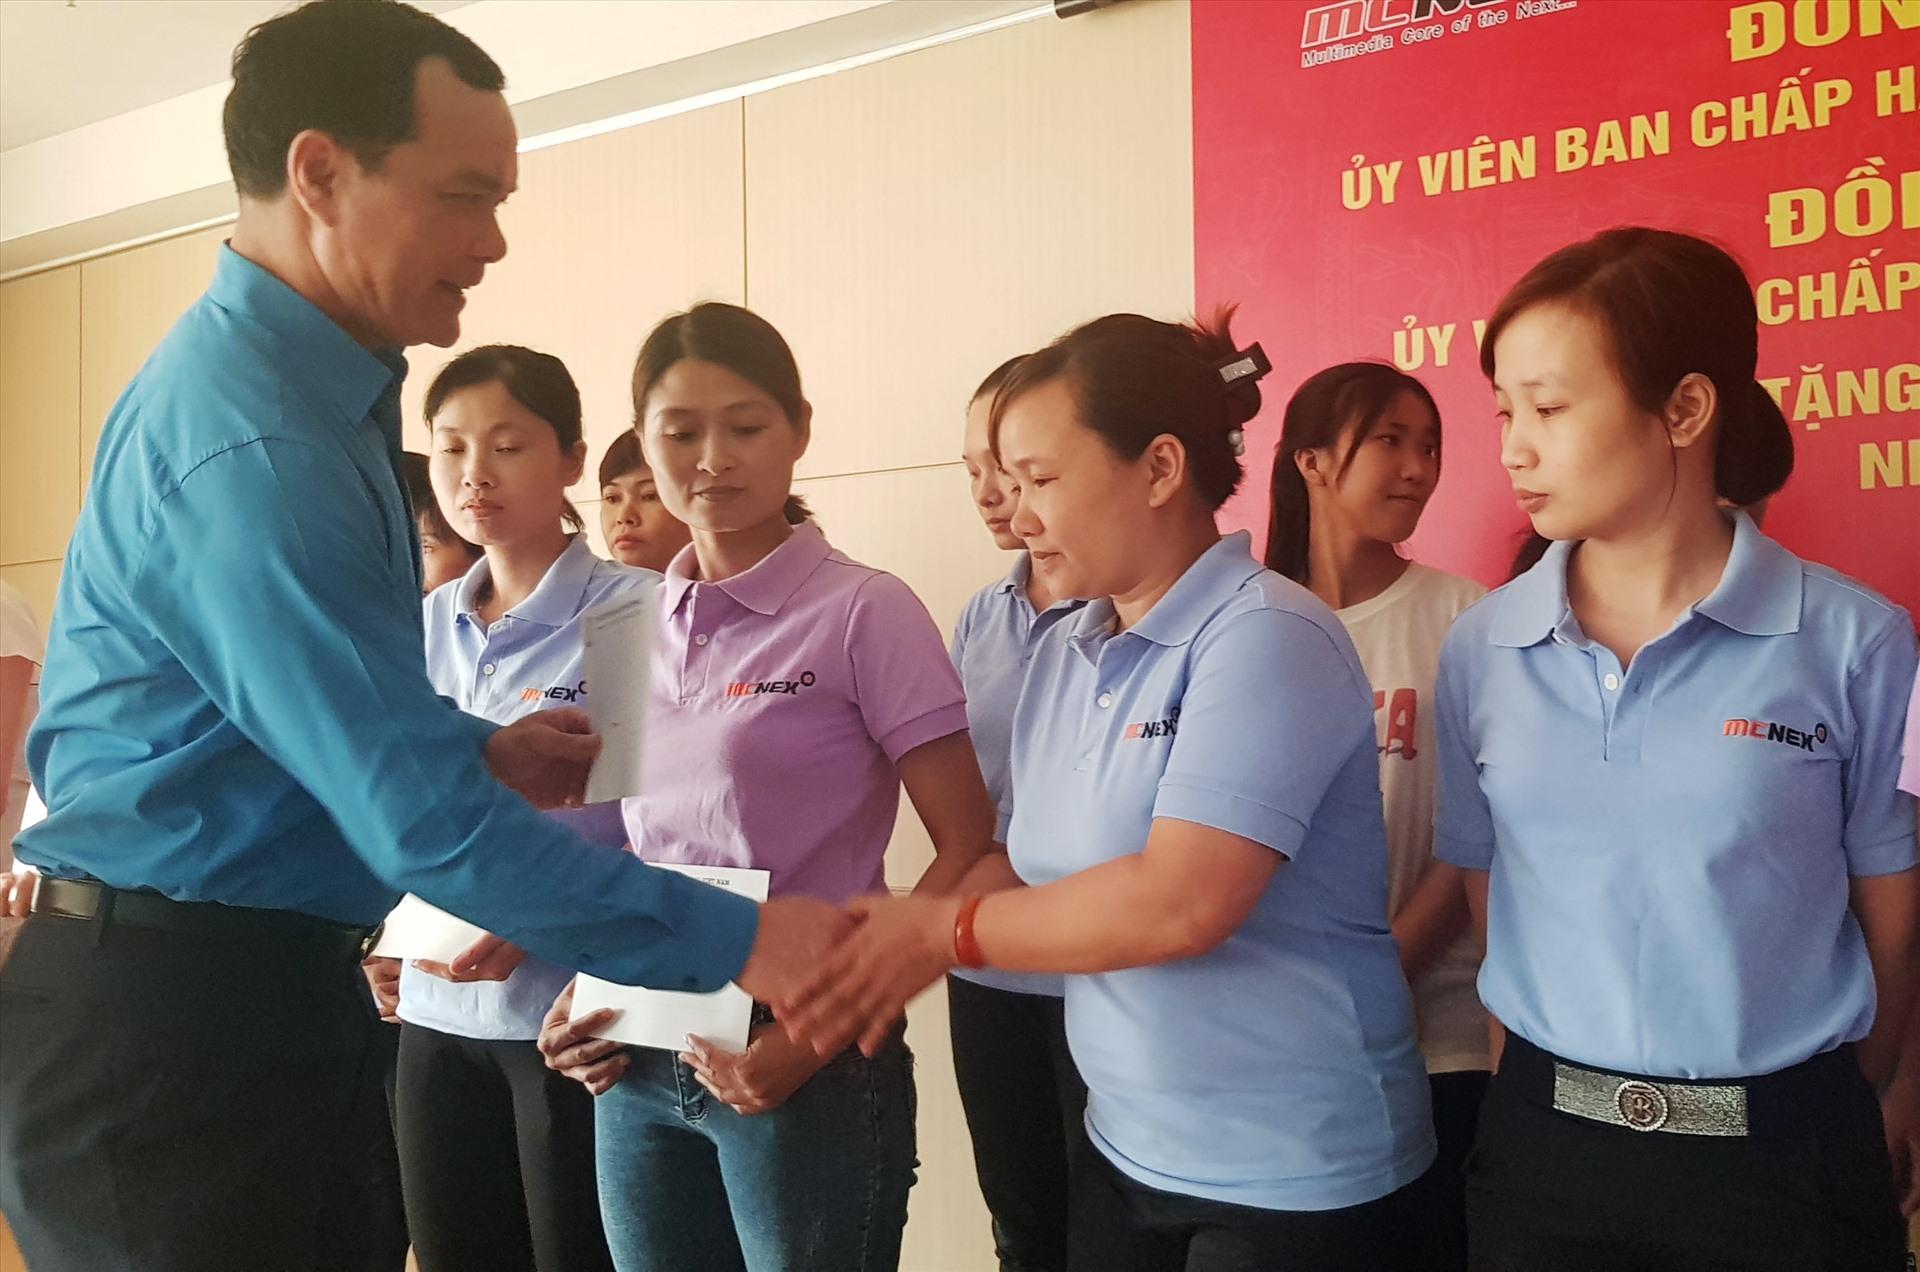 Đồng chí Nguyễn Đình Khang, Chủ tịch Tổng LĐLĐ Việt Nam tặng quà cho CNLĐ tại Cty TNHH Mcnex Vina. Ảnh: NT